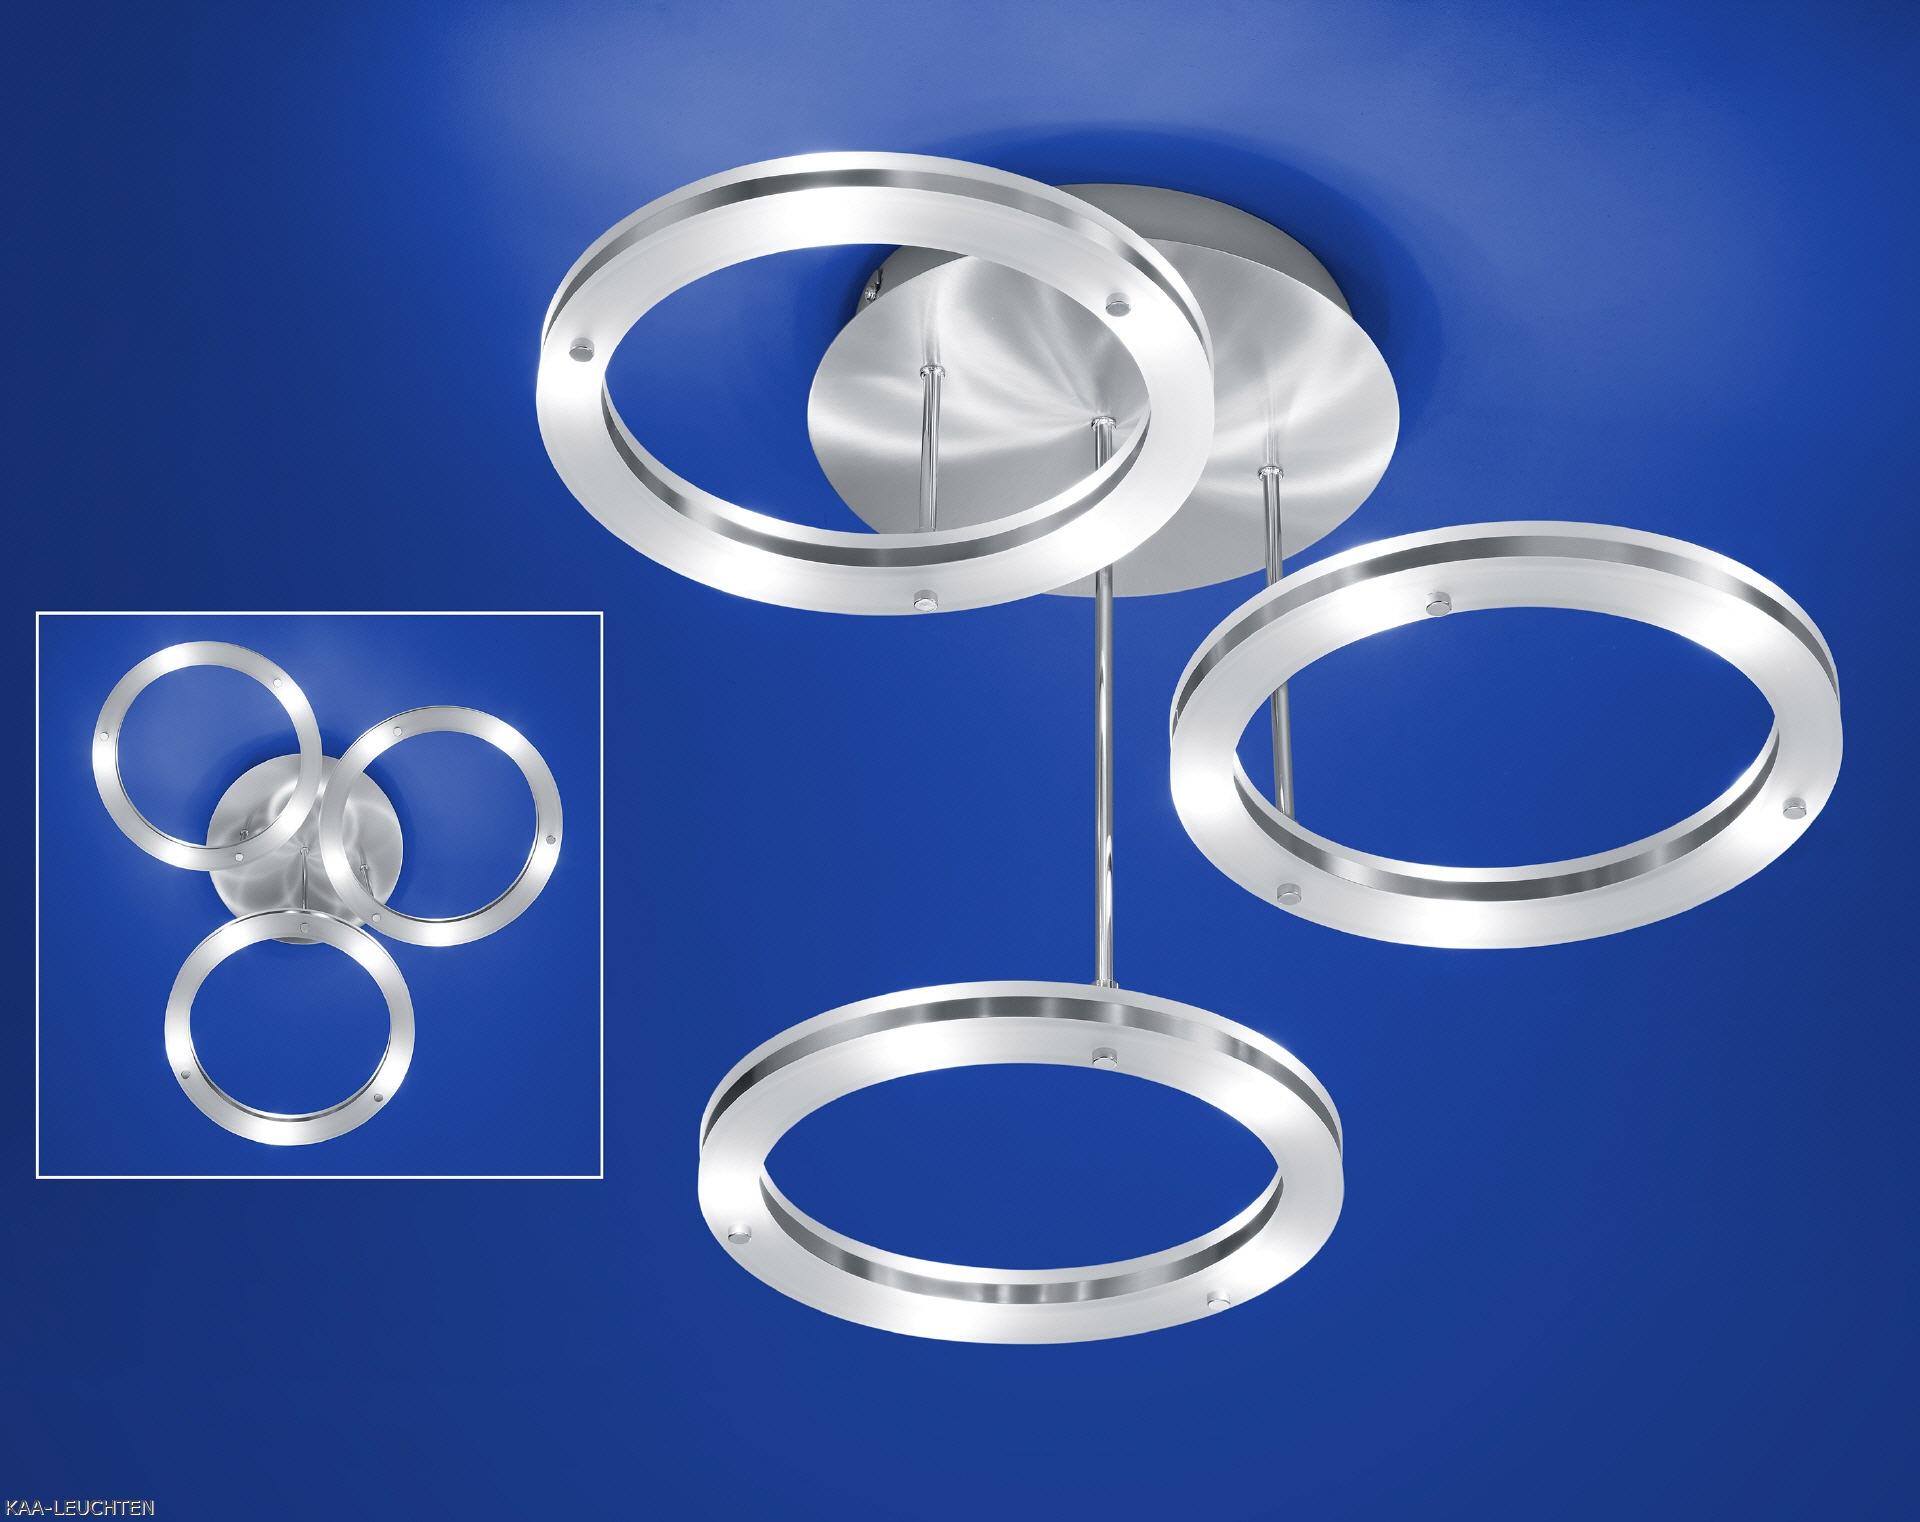 mit drehbaren led ringen die nach oben und unten leuchten. Black Bedroom Furniture Sets. Home Design Ideas